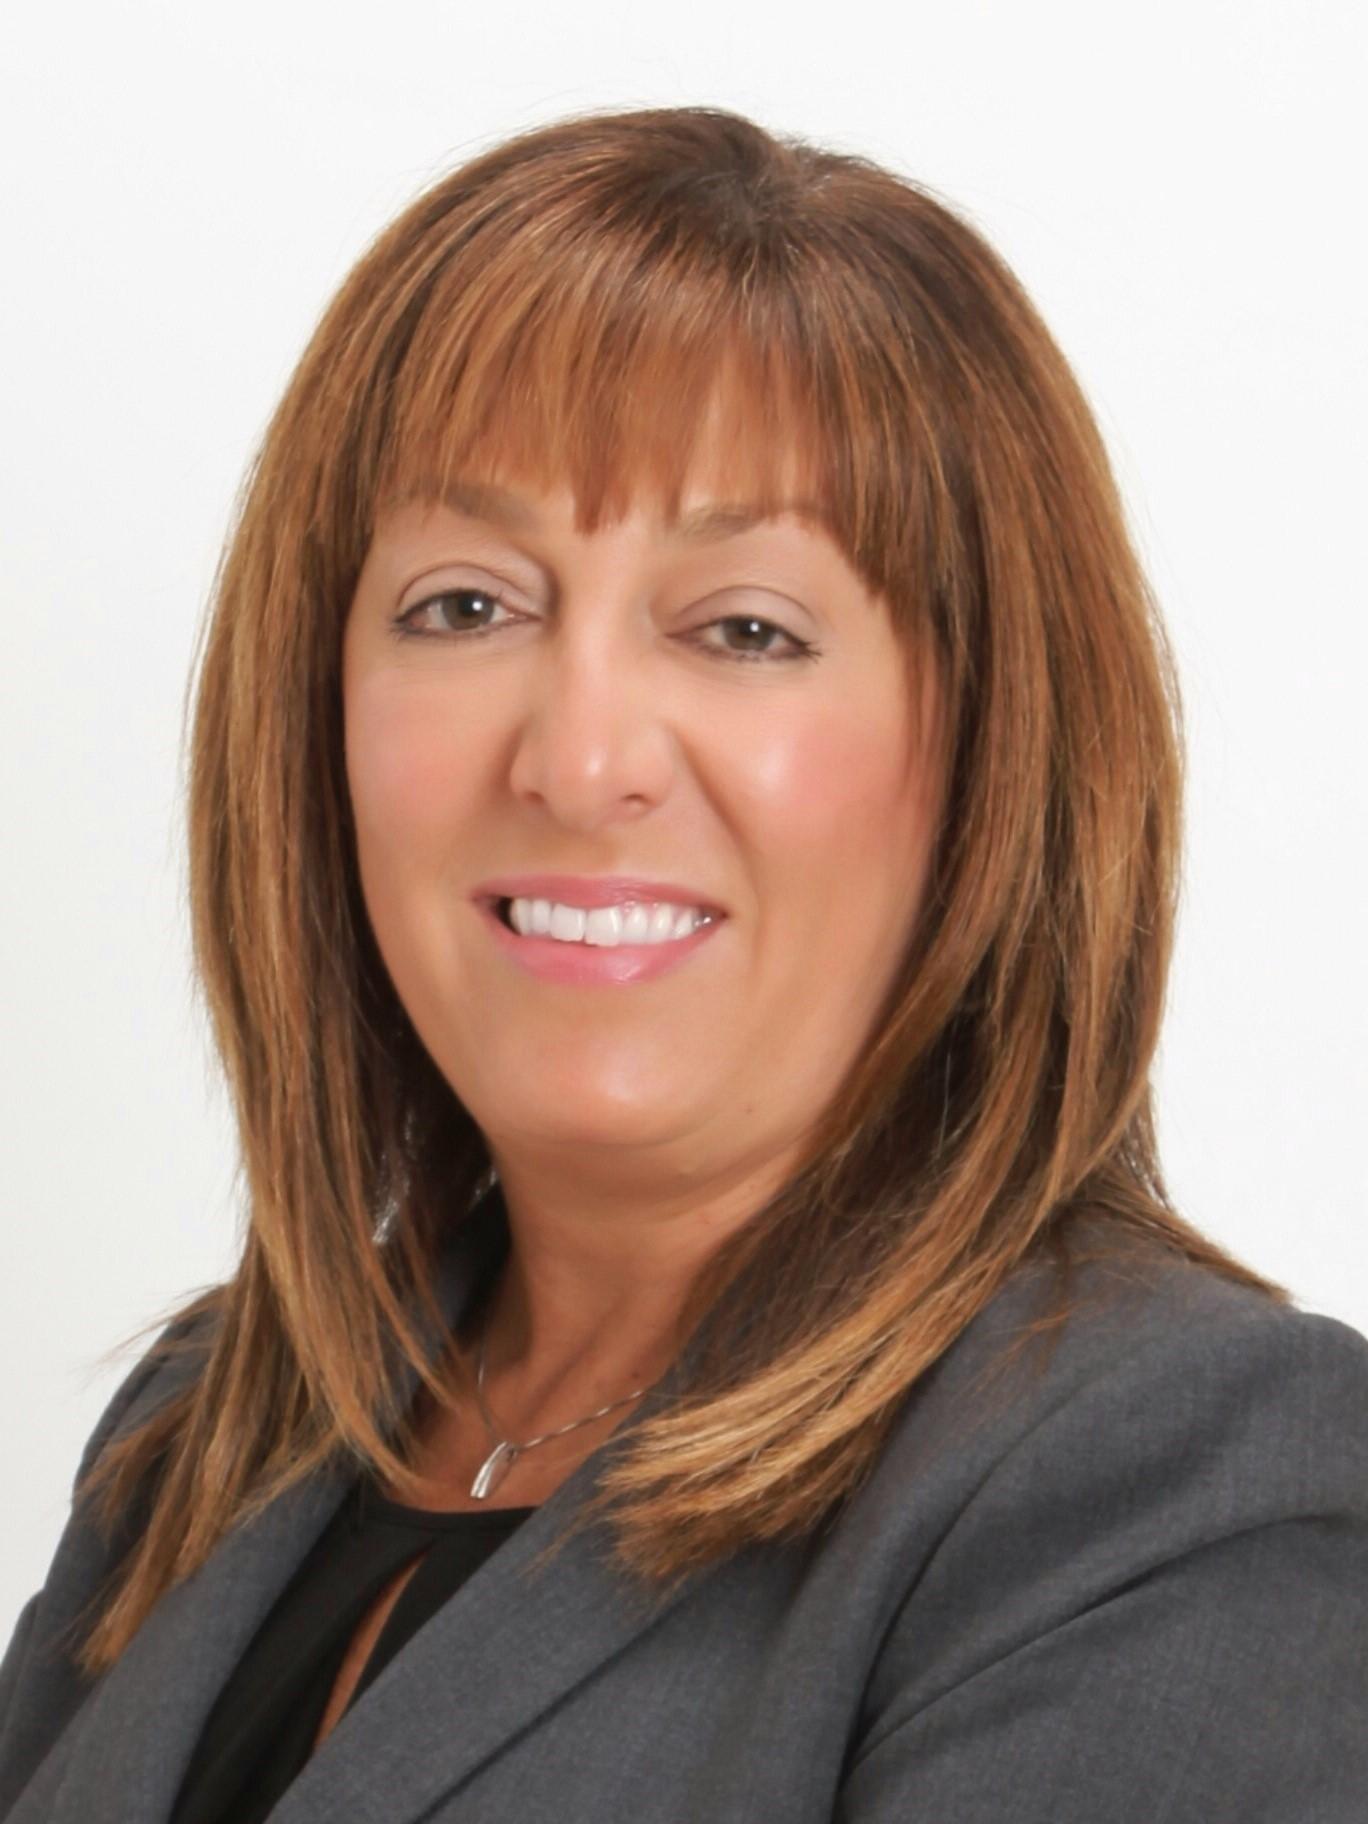 Maria Lazzaro